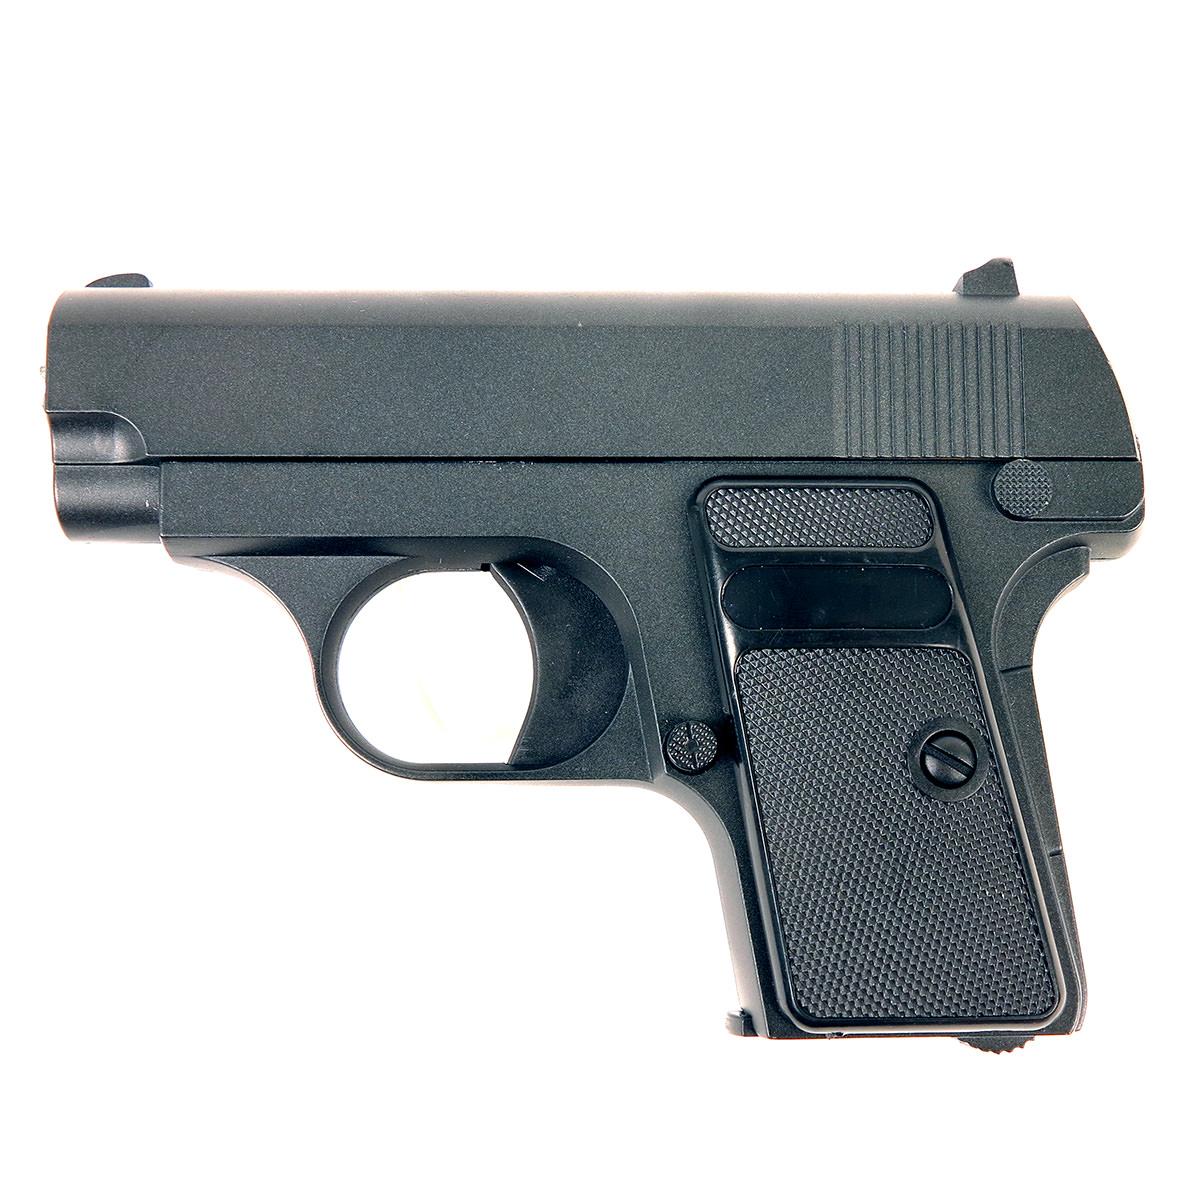 Пистолет страйкбольный Galaxy G.1, пружинный, 6 мм